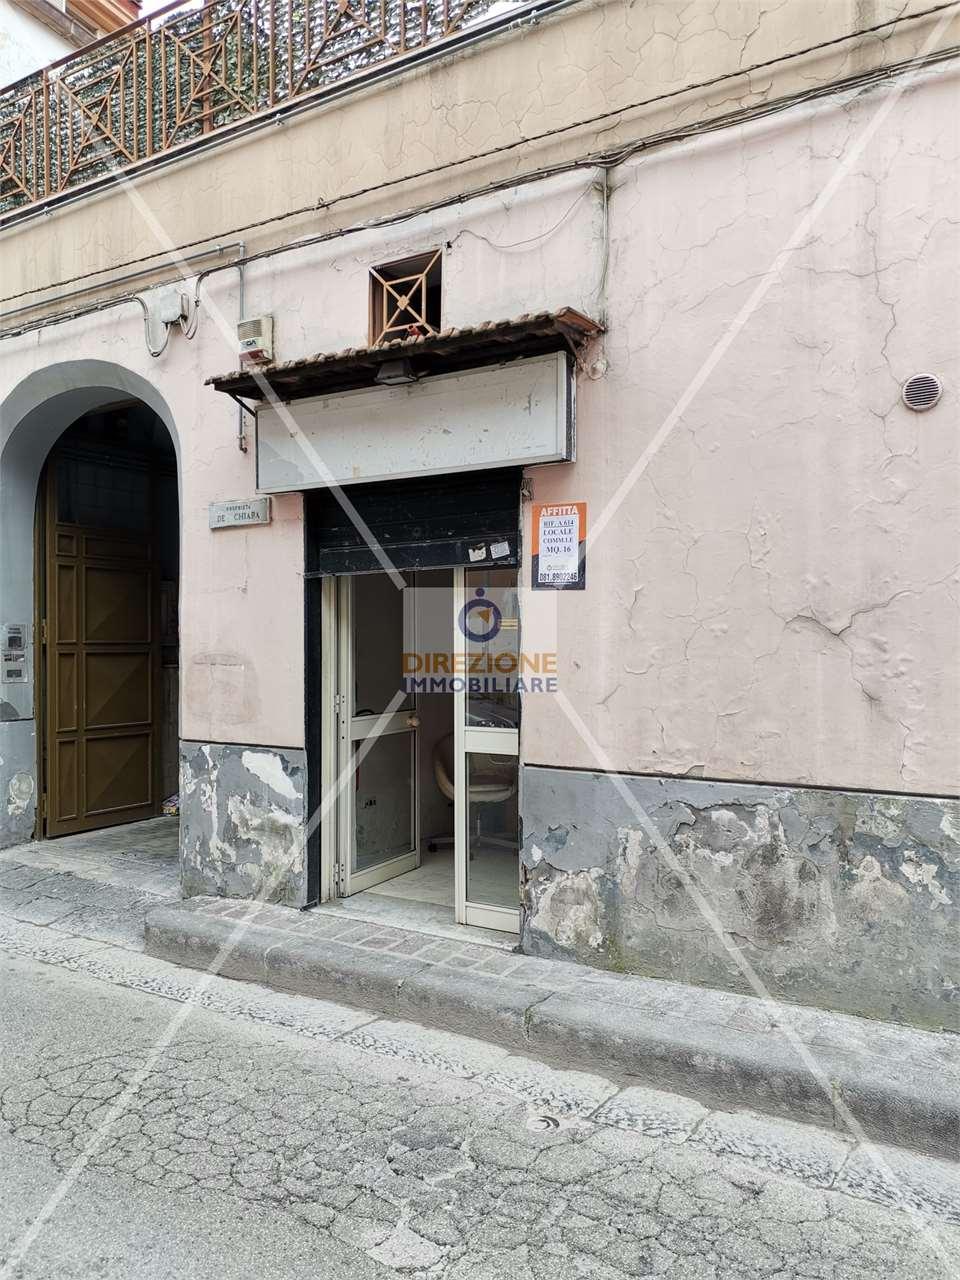 Negozio / Locale in affitto a Aversa, 1 locali, zona Località: CENTRO STORICO, prezzo € 300 | CambioCasa.it